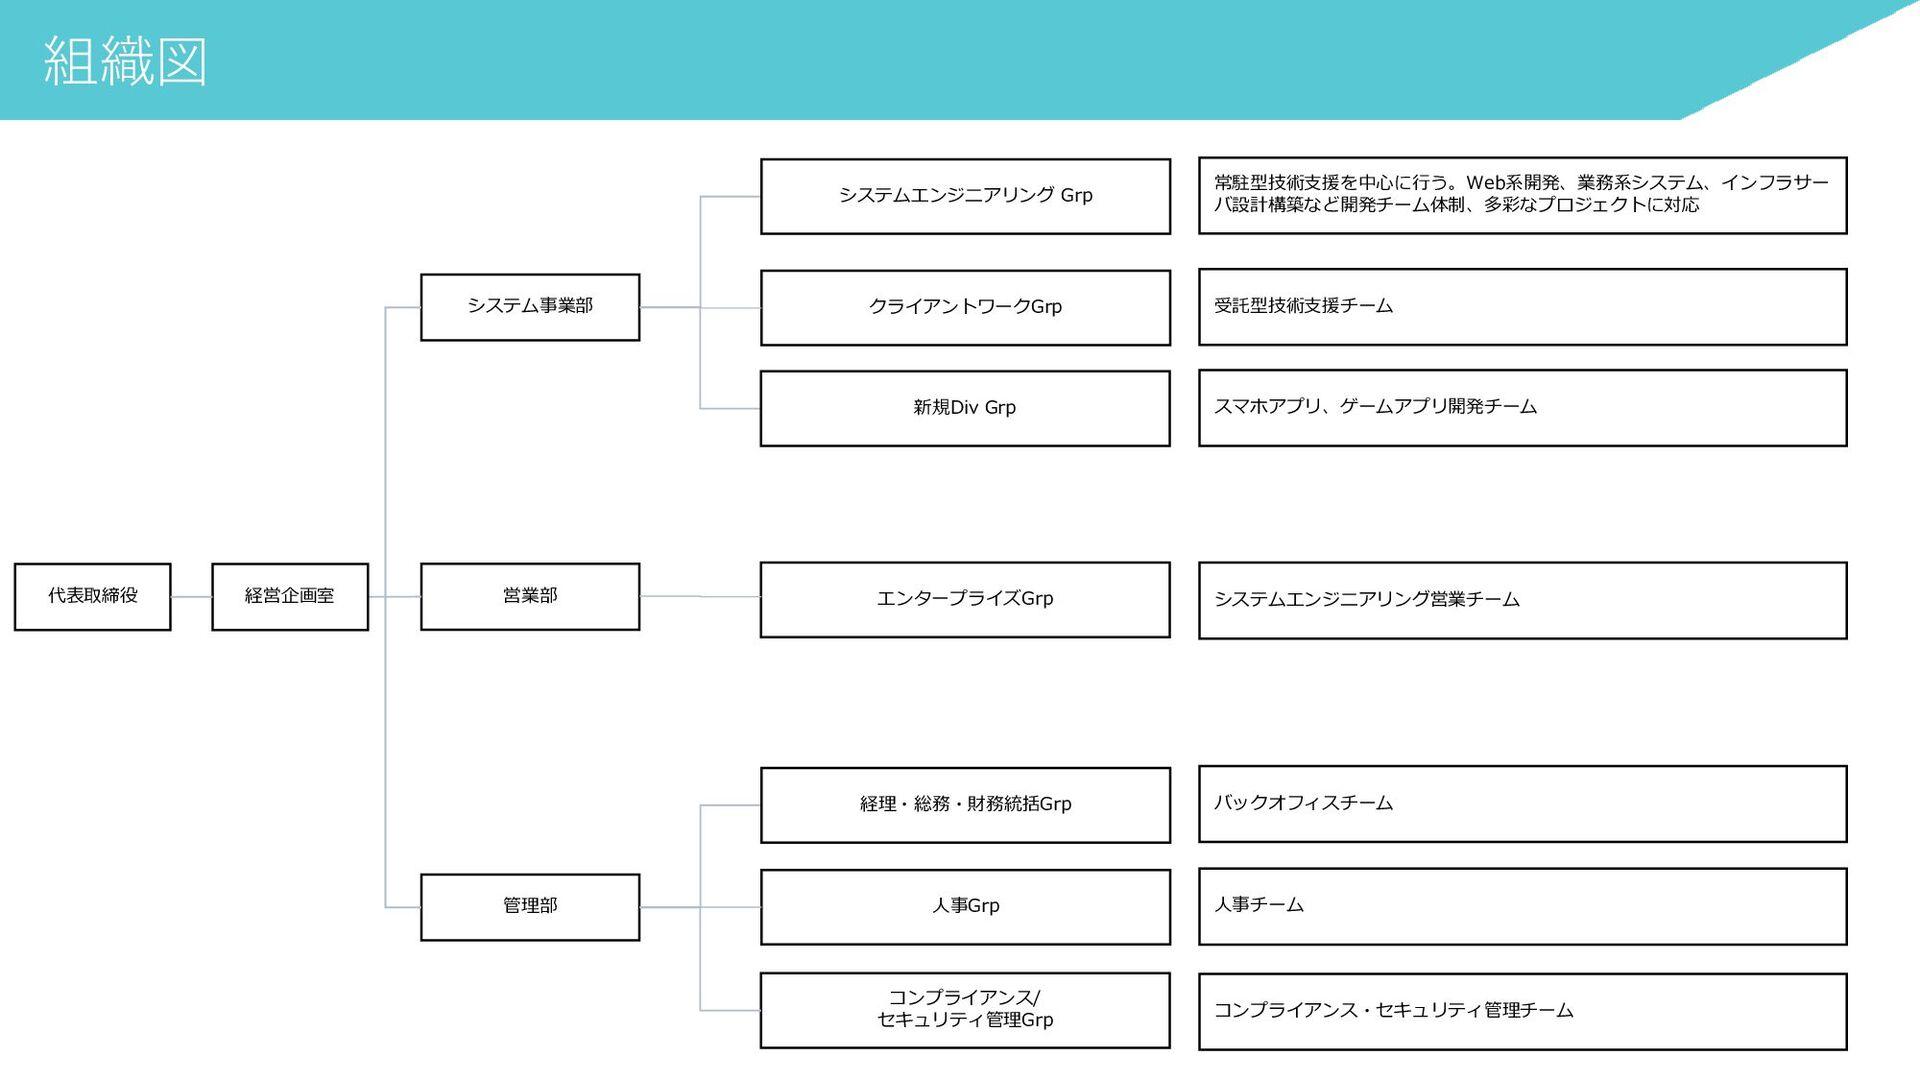 事業沿革 自社オリジナル プロダクト 2017年 2020年 社員数 5名 社員数 20名 社...